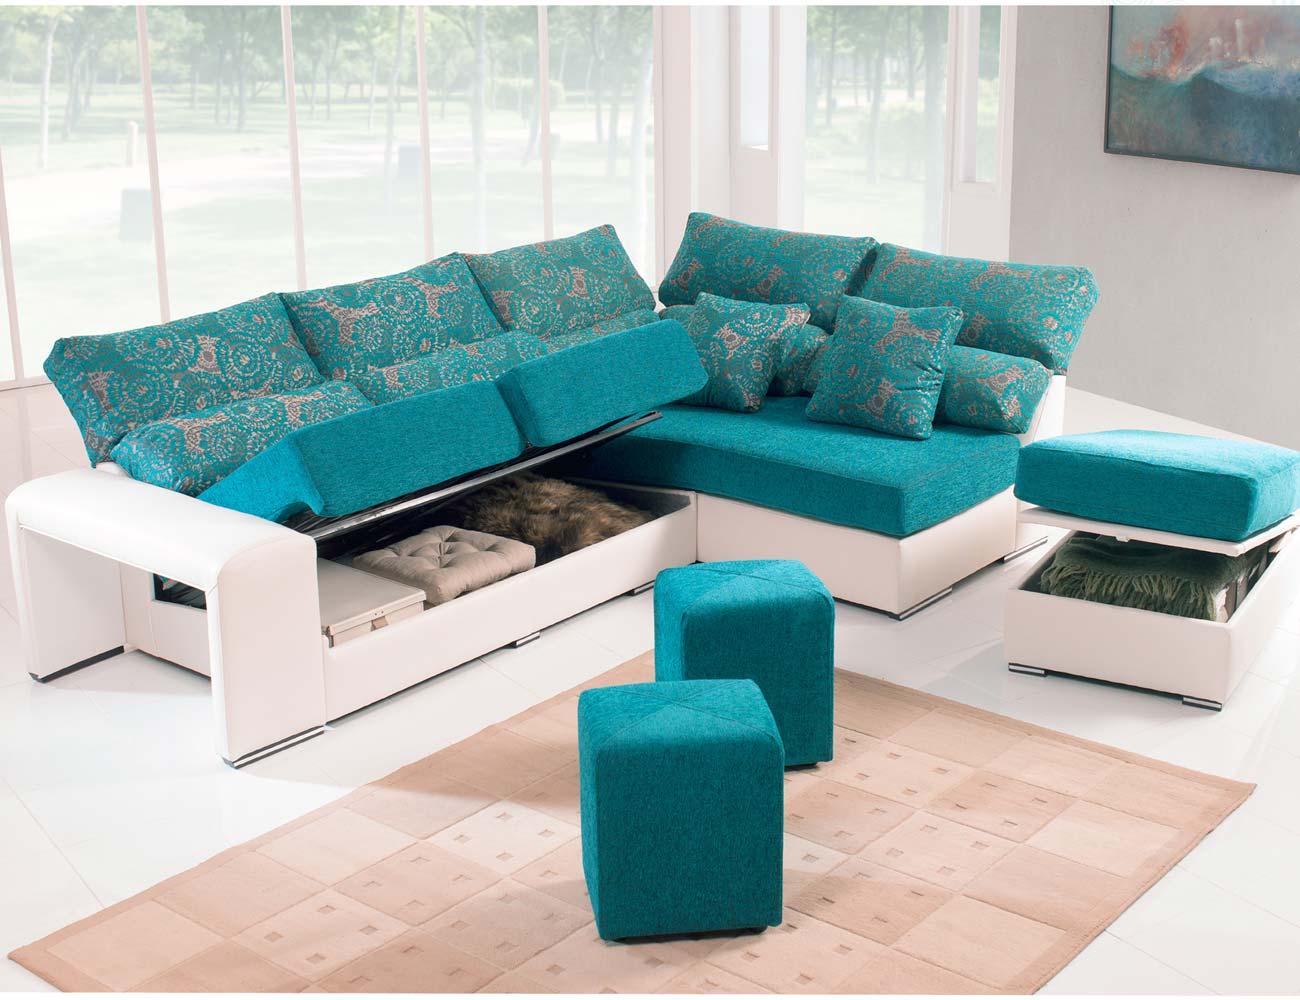 Sofa chaiselongue rincon puff arcon taburete3